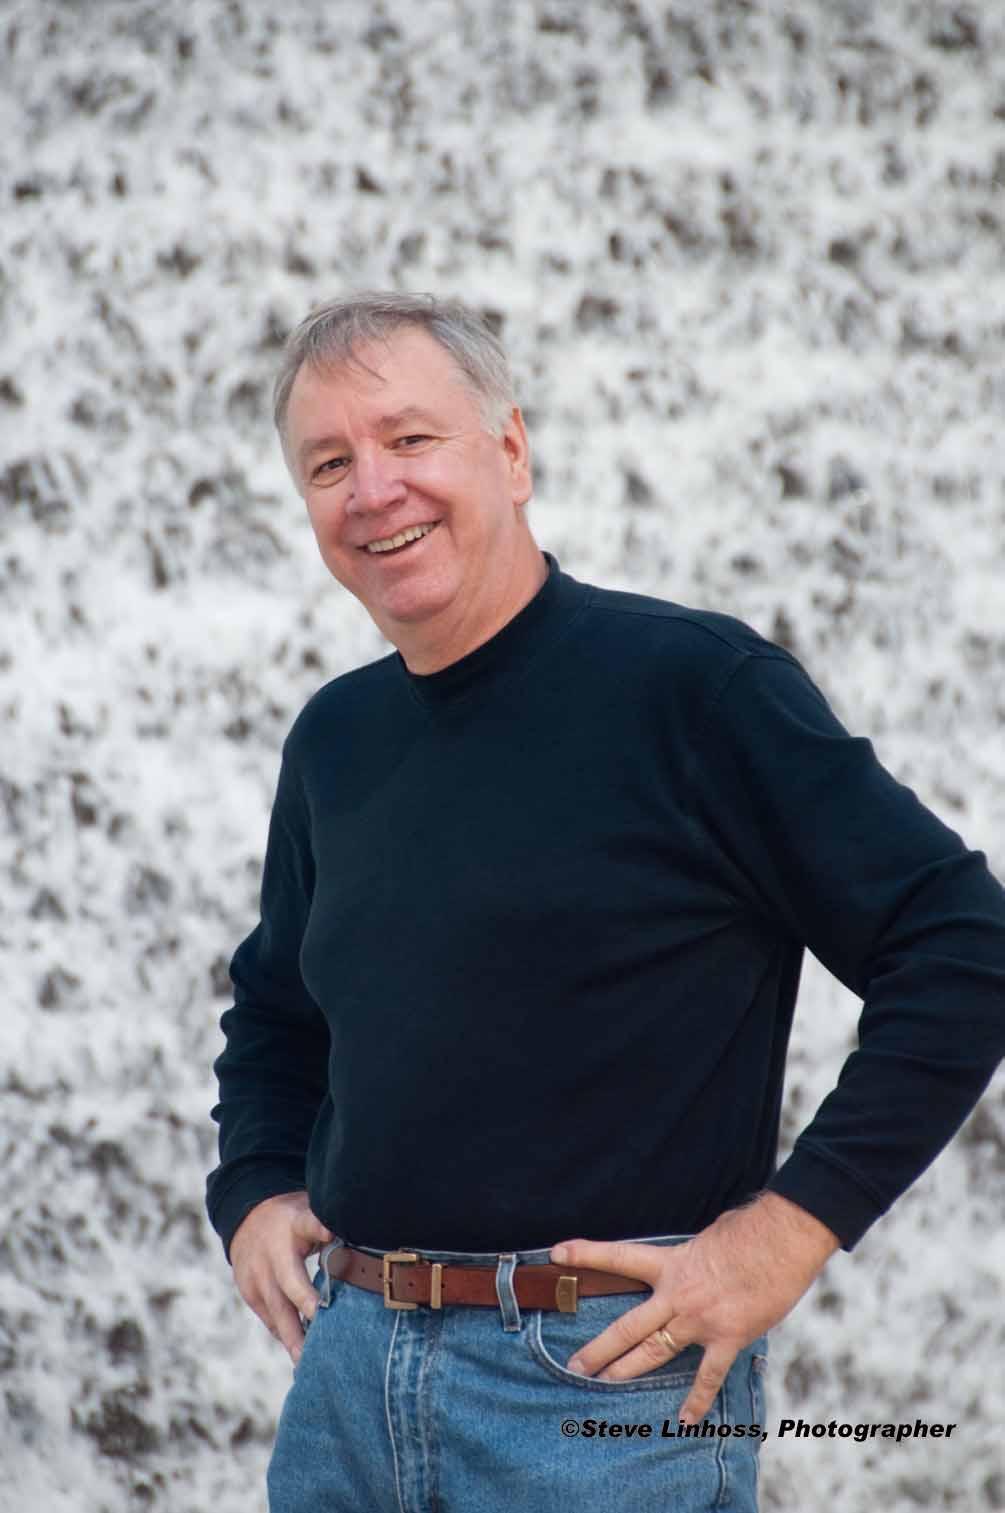 Steve Linhoss